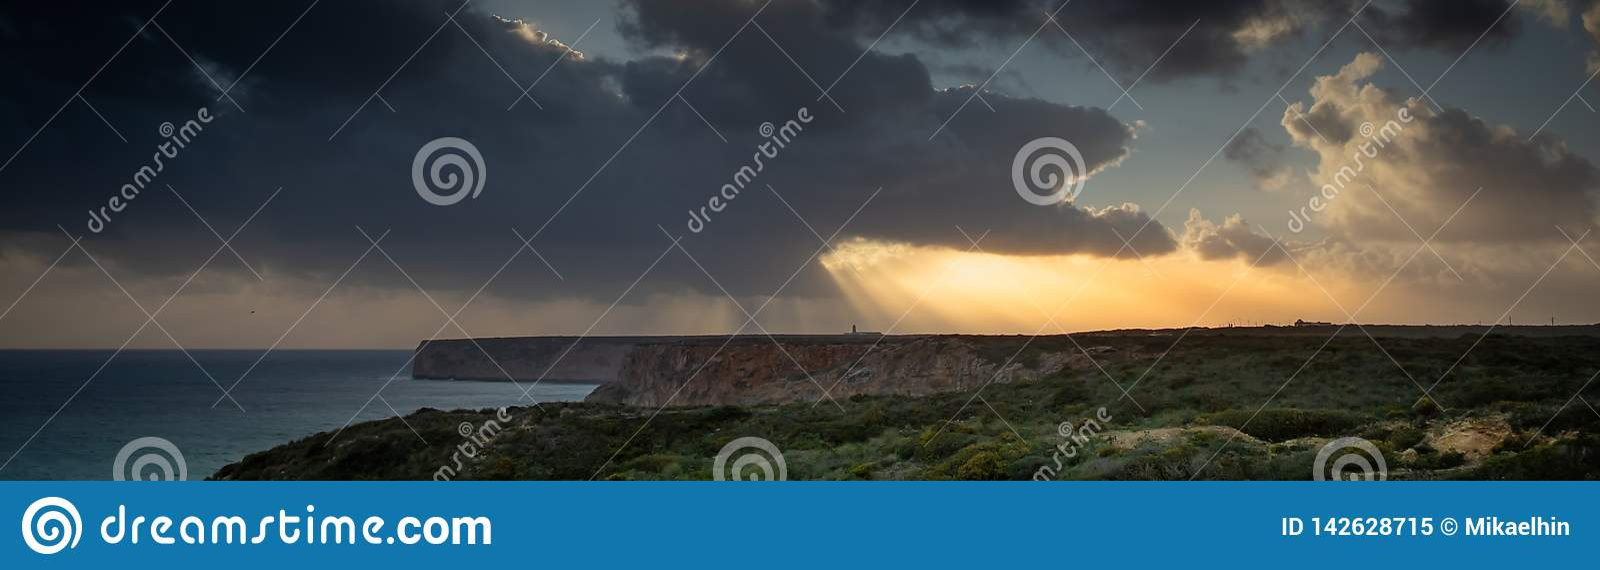 Vista del faro y de los acantilados en el cabo St Vincent en Portugal en la tormenta